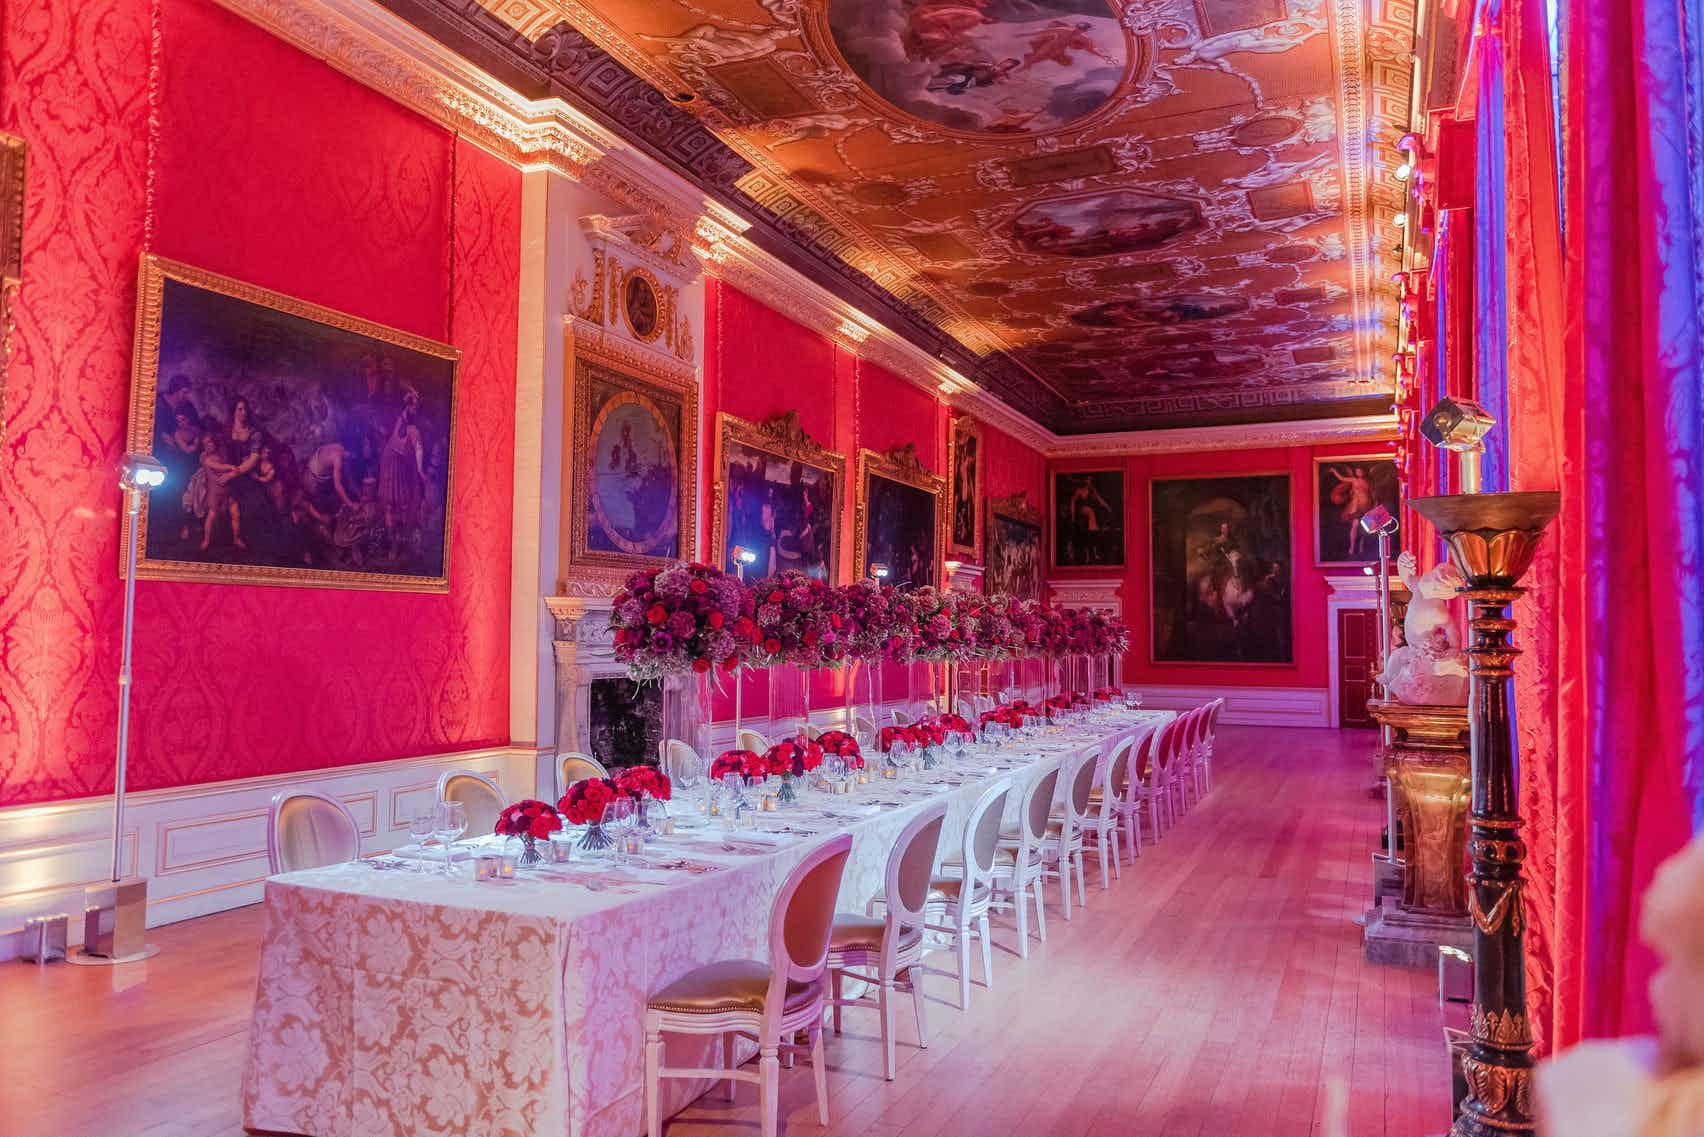 Kensington Palace, Kensington Palace